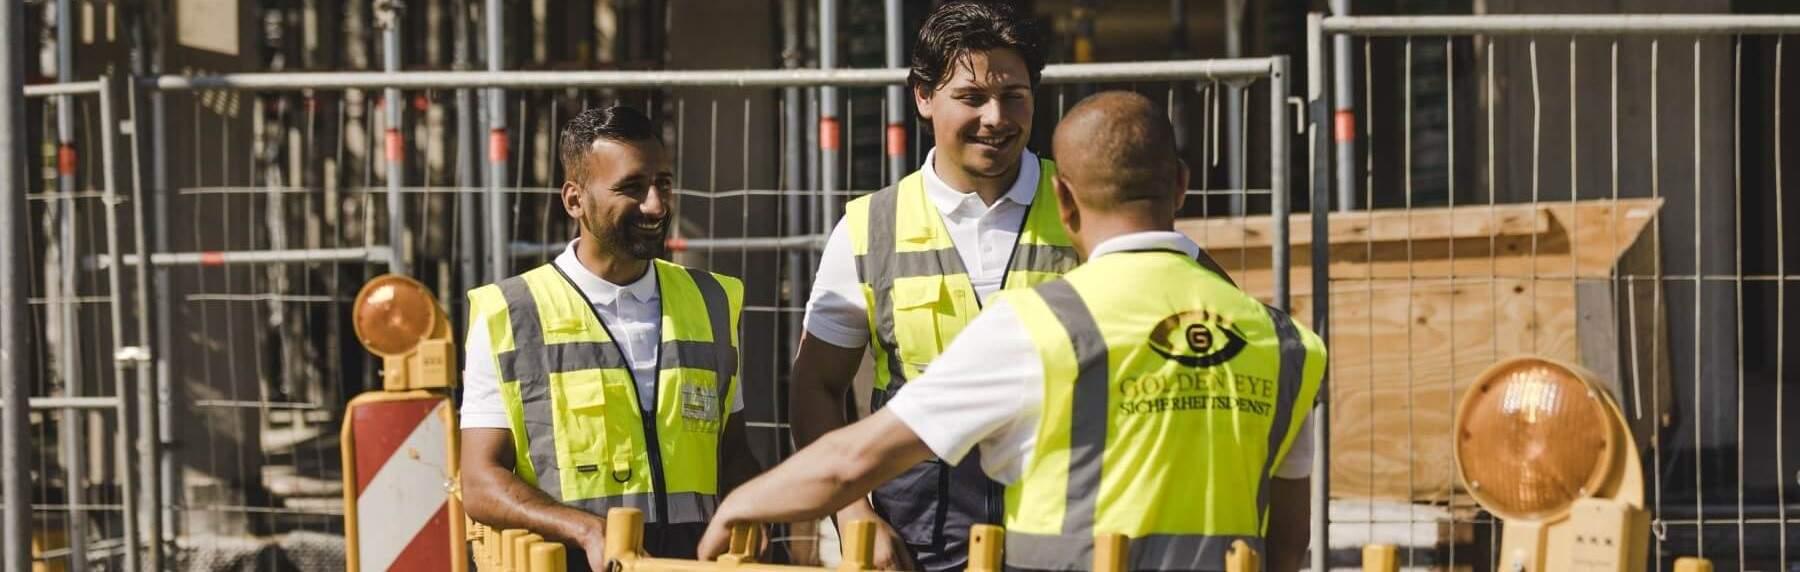 Sicherheitsdienst Dortmund